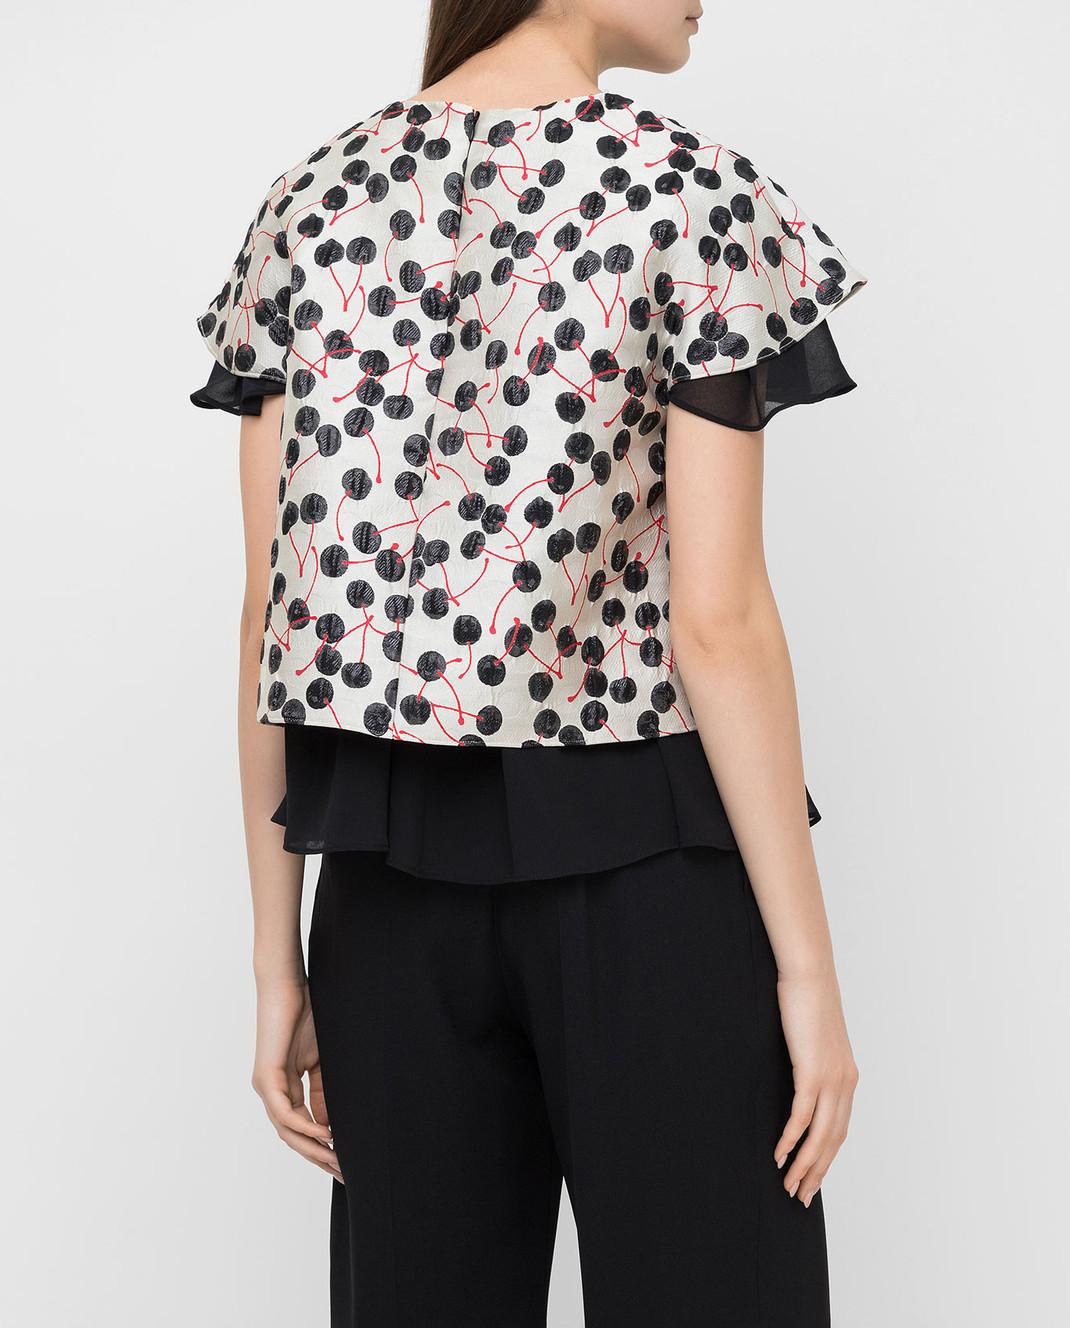 Giamba Светло-серая блуза PG2031 изображение 4